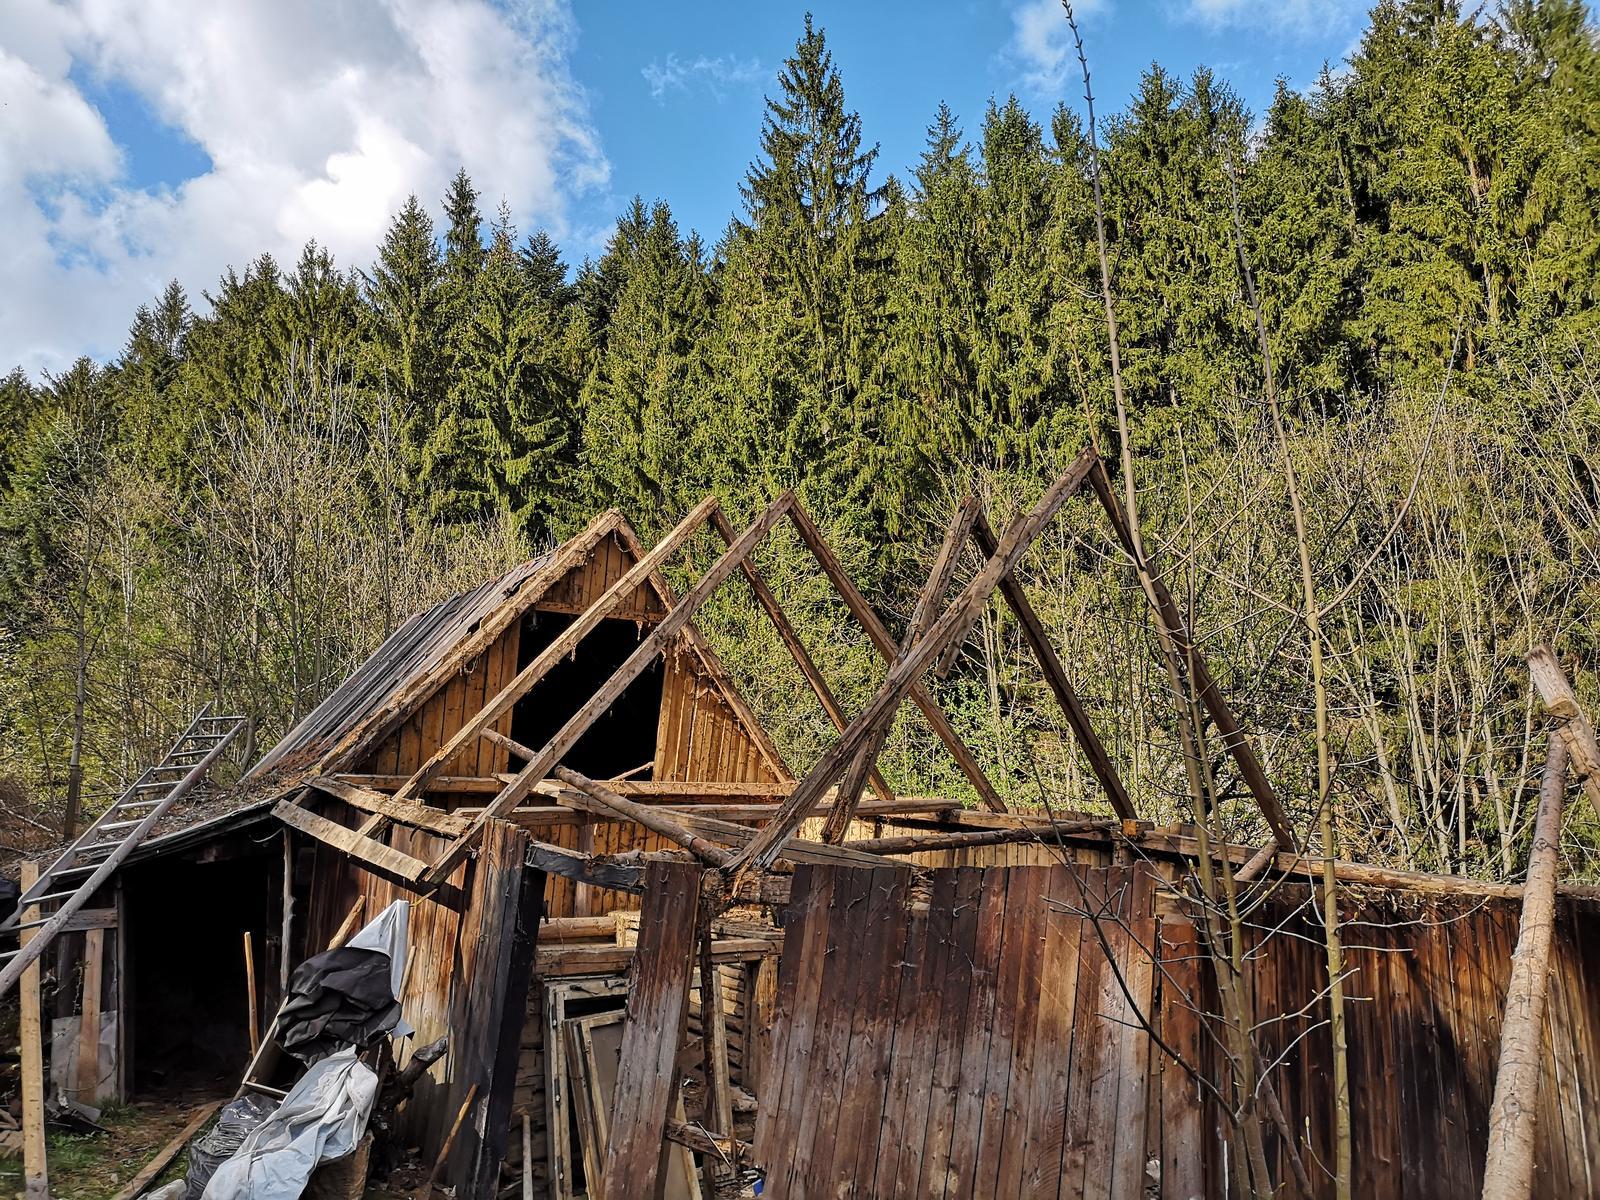 Na samote u lesa - Obrázok č. 79